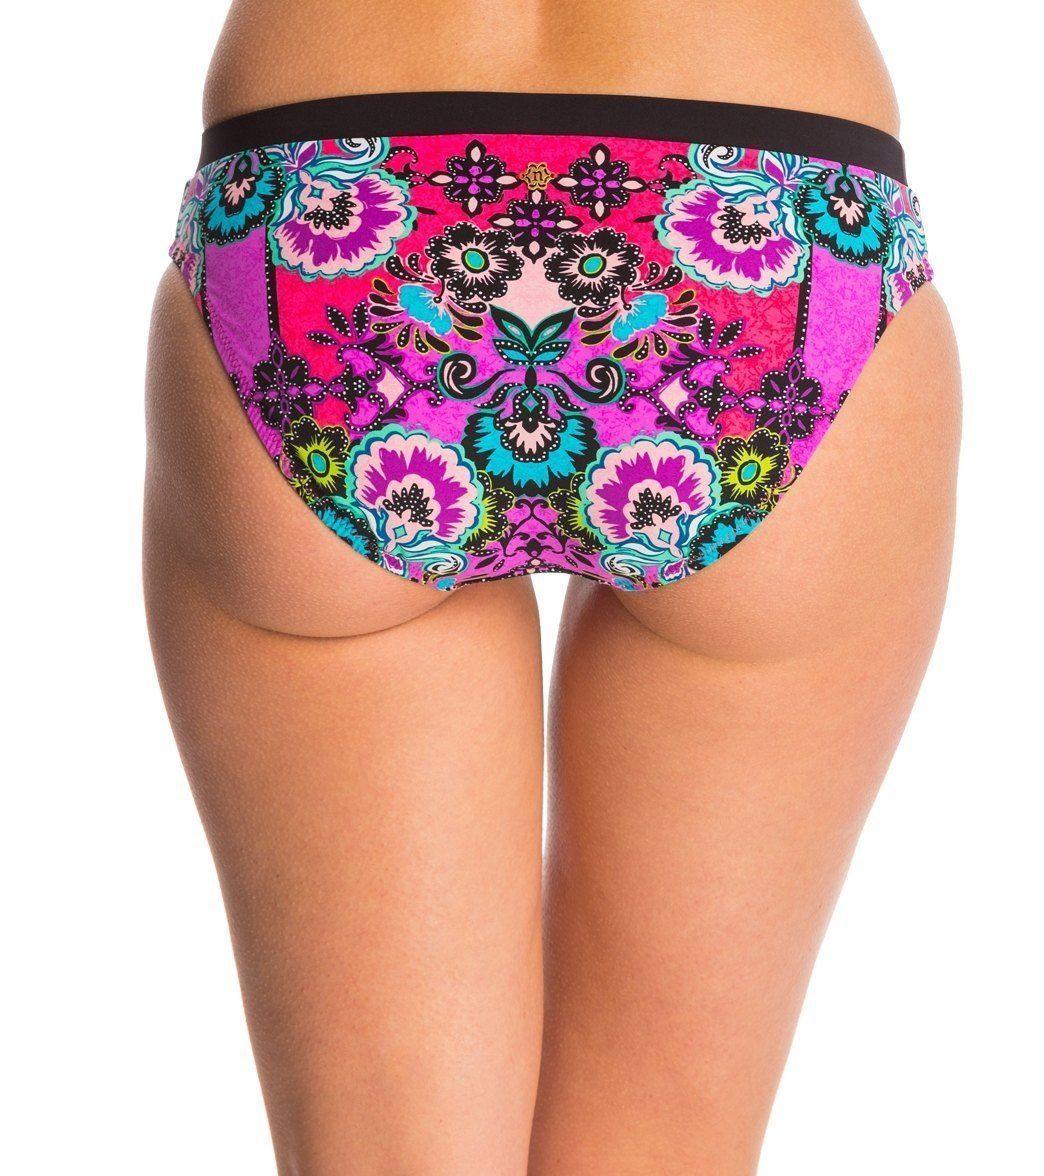 Anthropologie Nanette Lepore Bollywood Vamp L 10-12 String Bikini Bottom $84 NWT